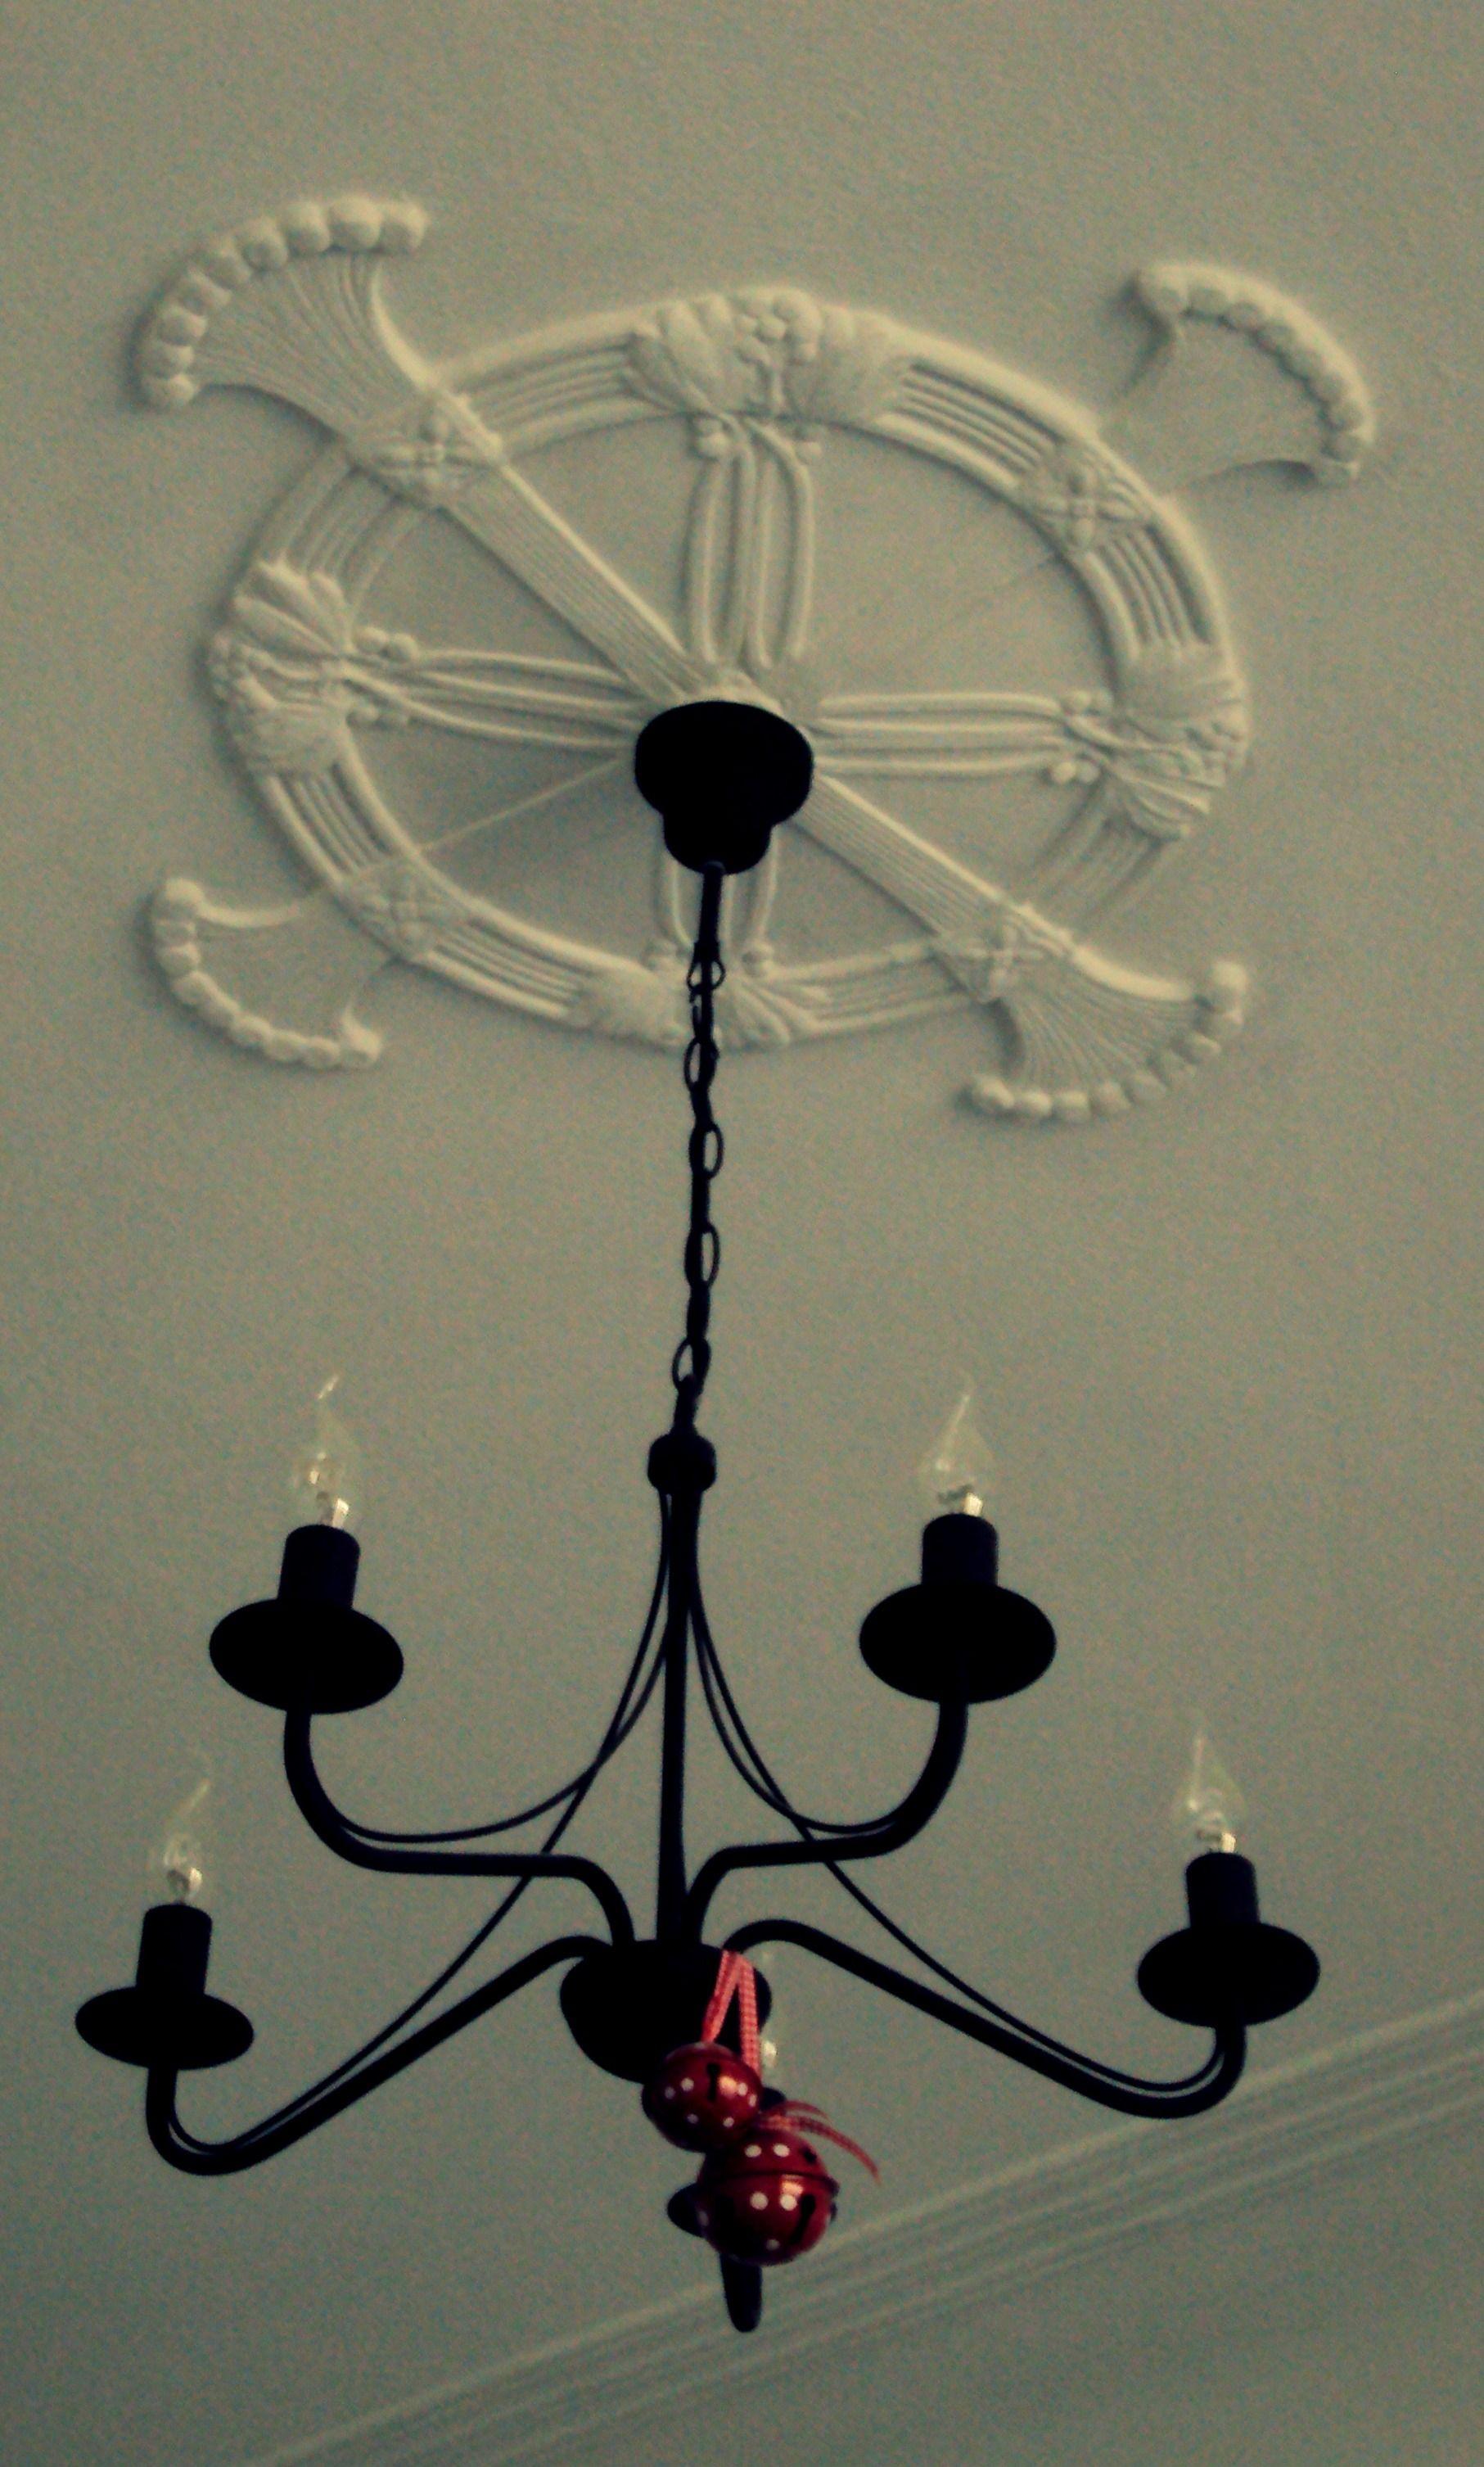 Mein Wohnzimmer-Kronleuchter :)